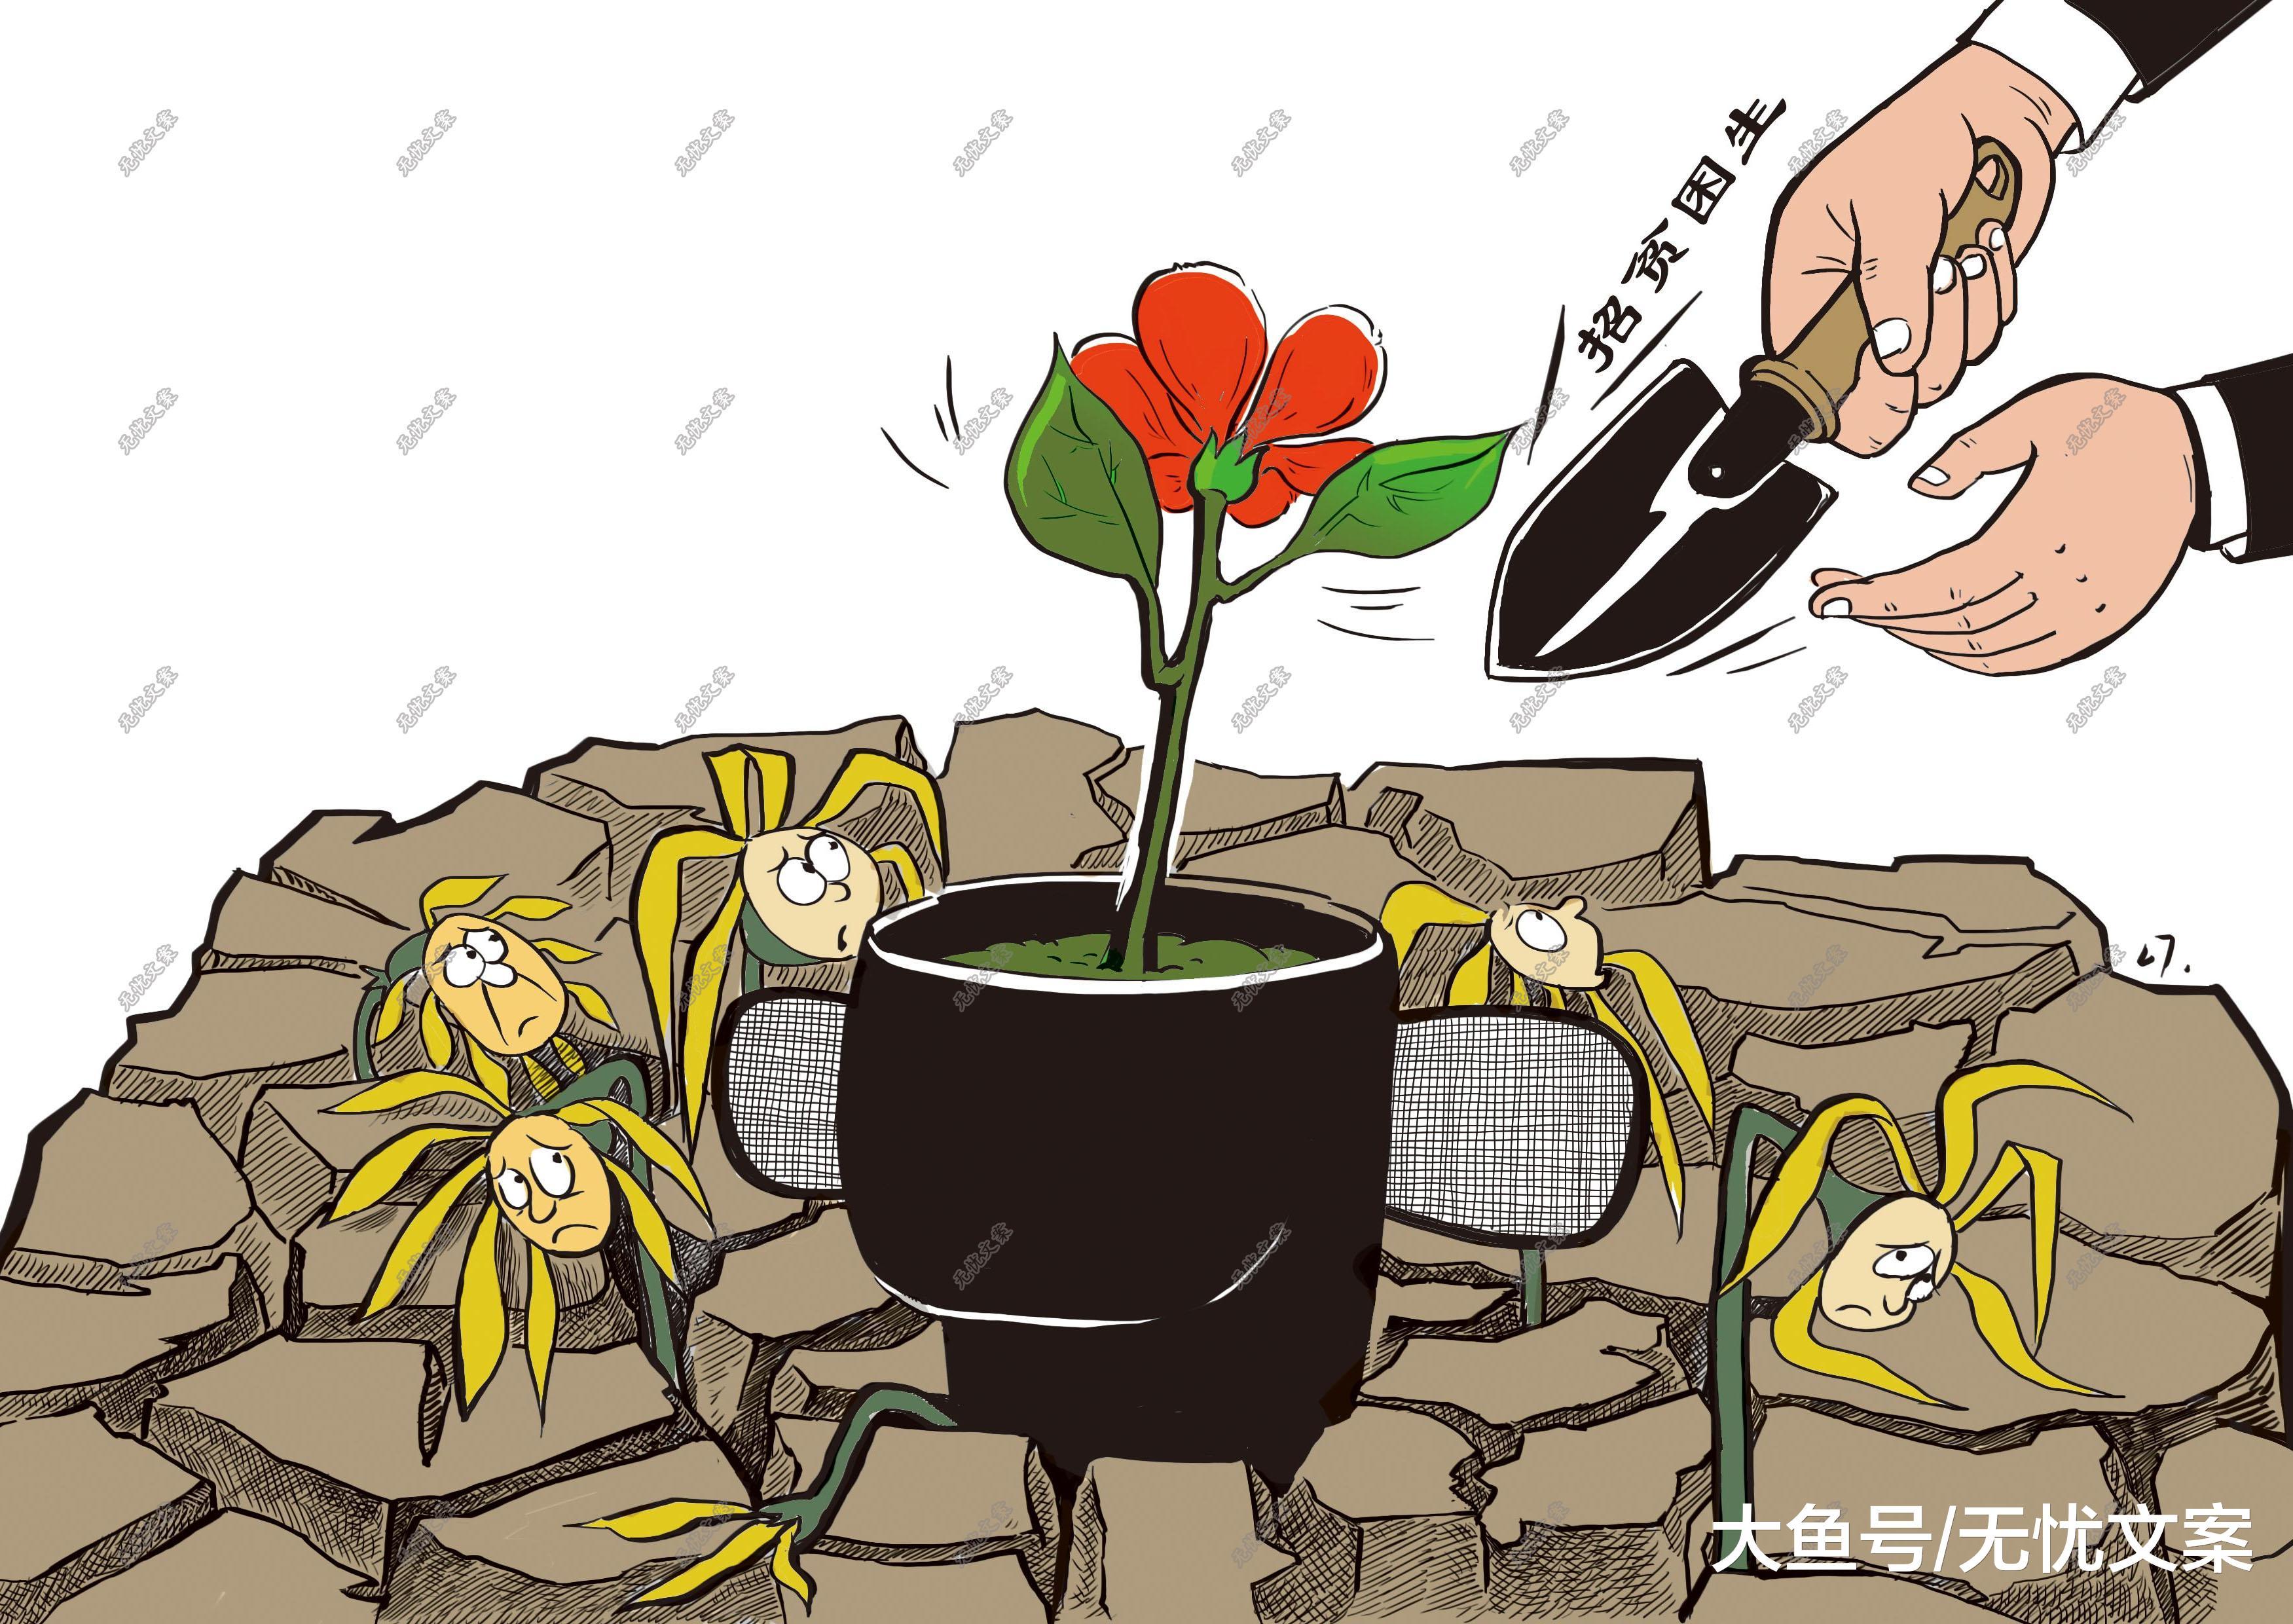 生源最好的省份是京 沪 苏 浙 川